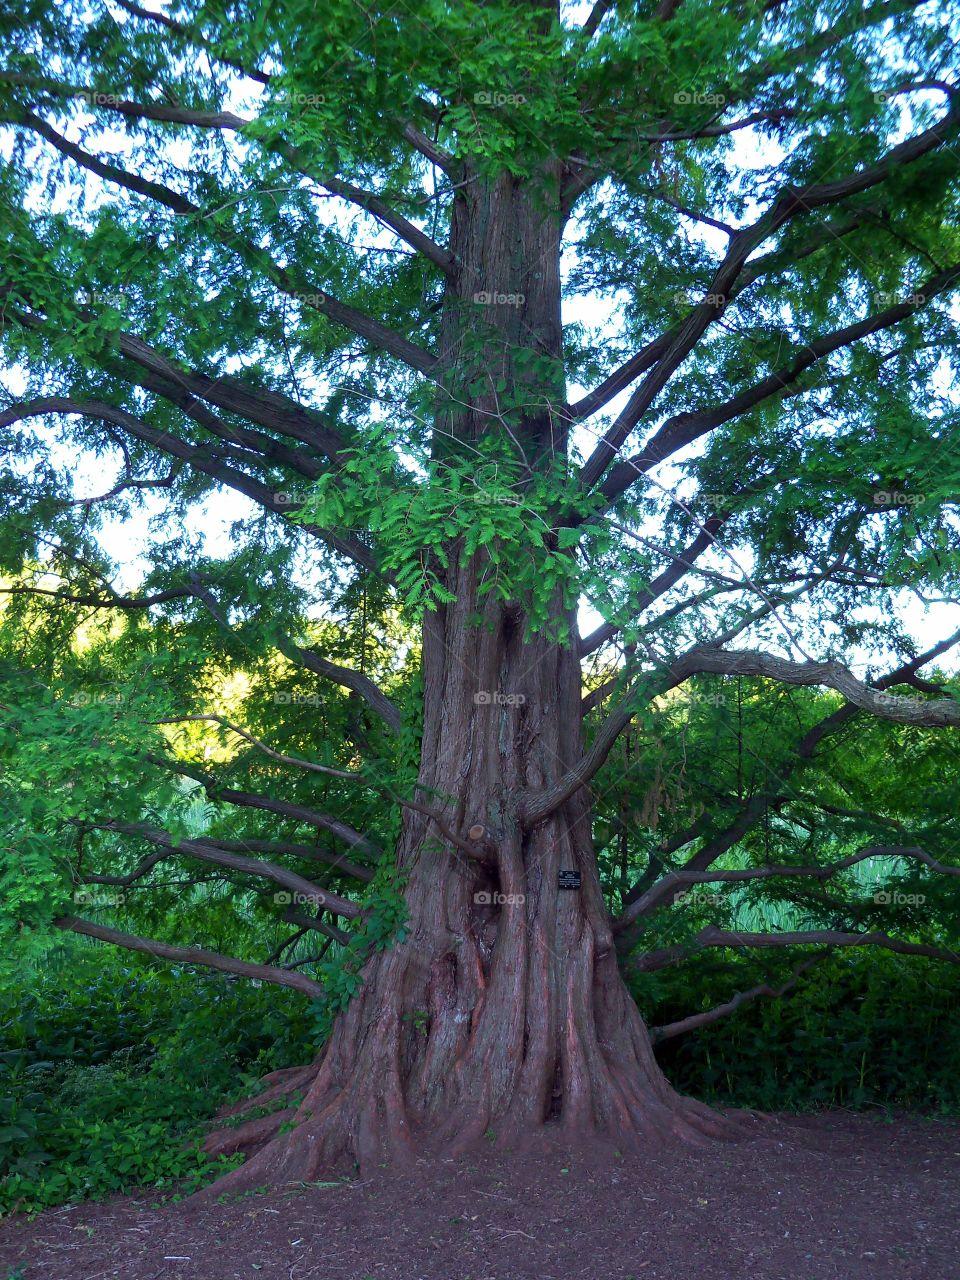 Tree in Arboretum